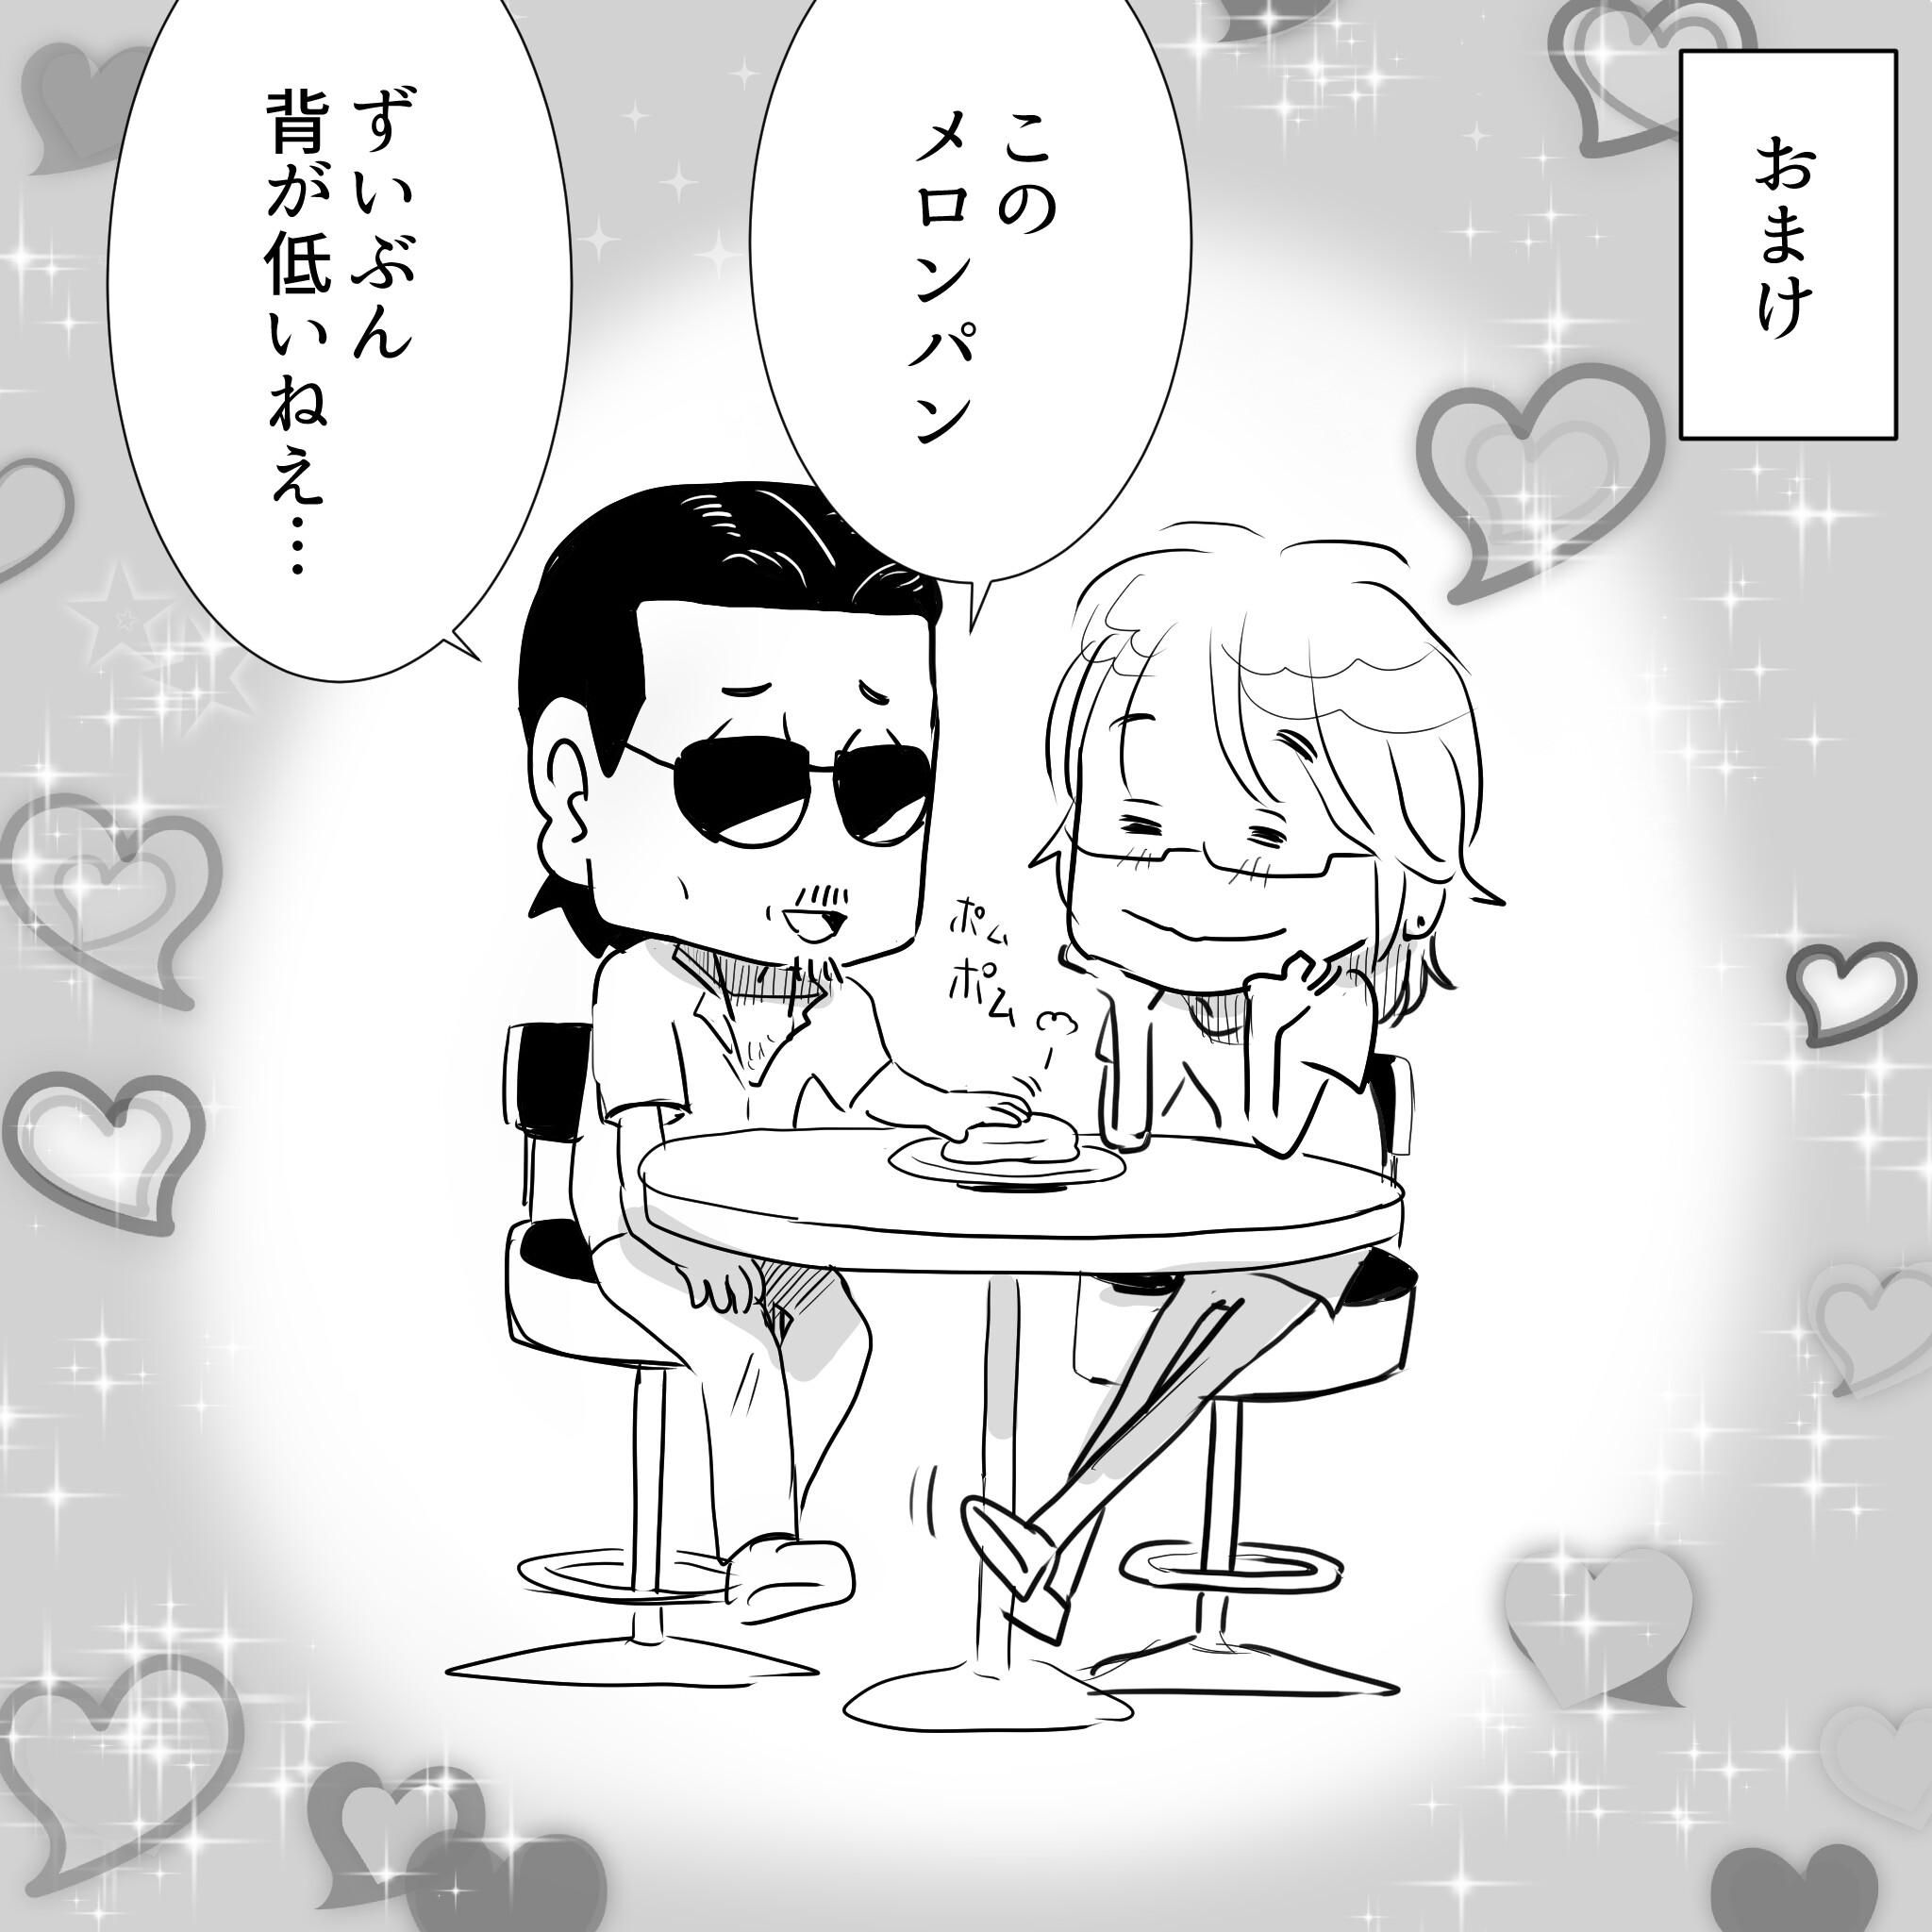 坂崎さんの差し入れ6